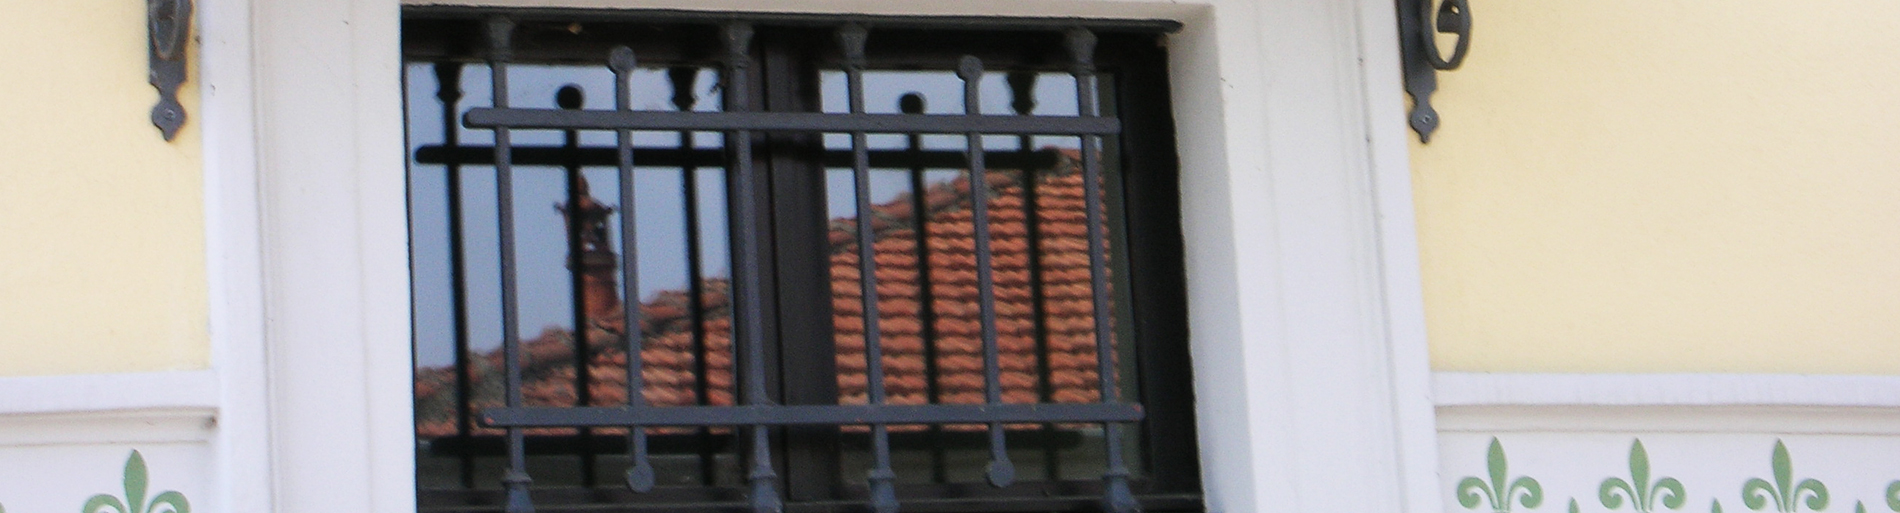 Grate di sicurezza per finestre e porte tecno serramenti - Grate alle finestre ...